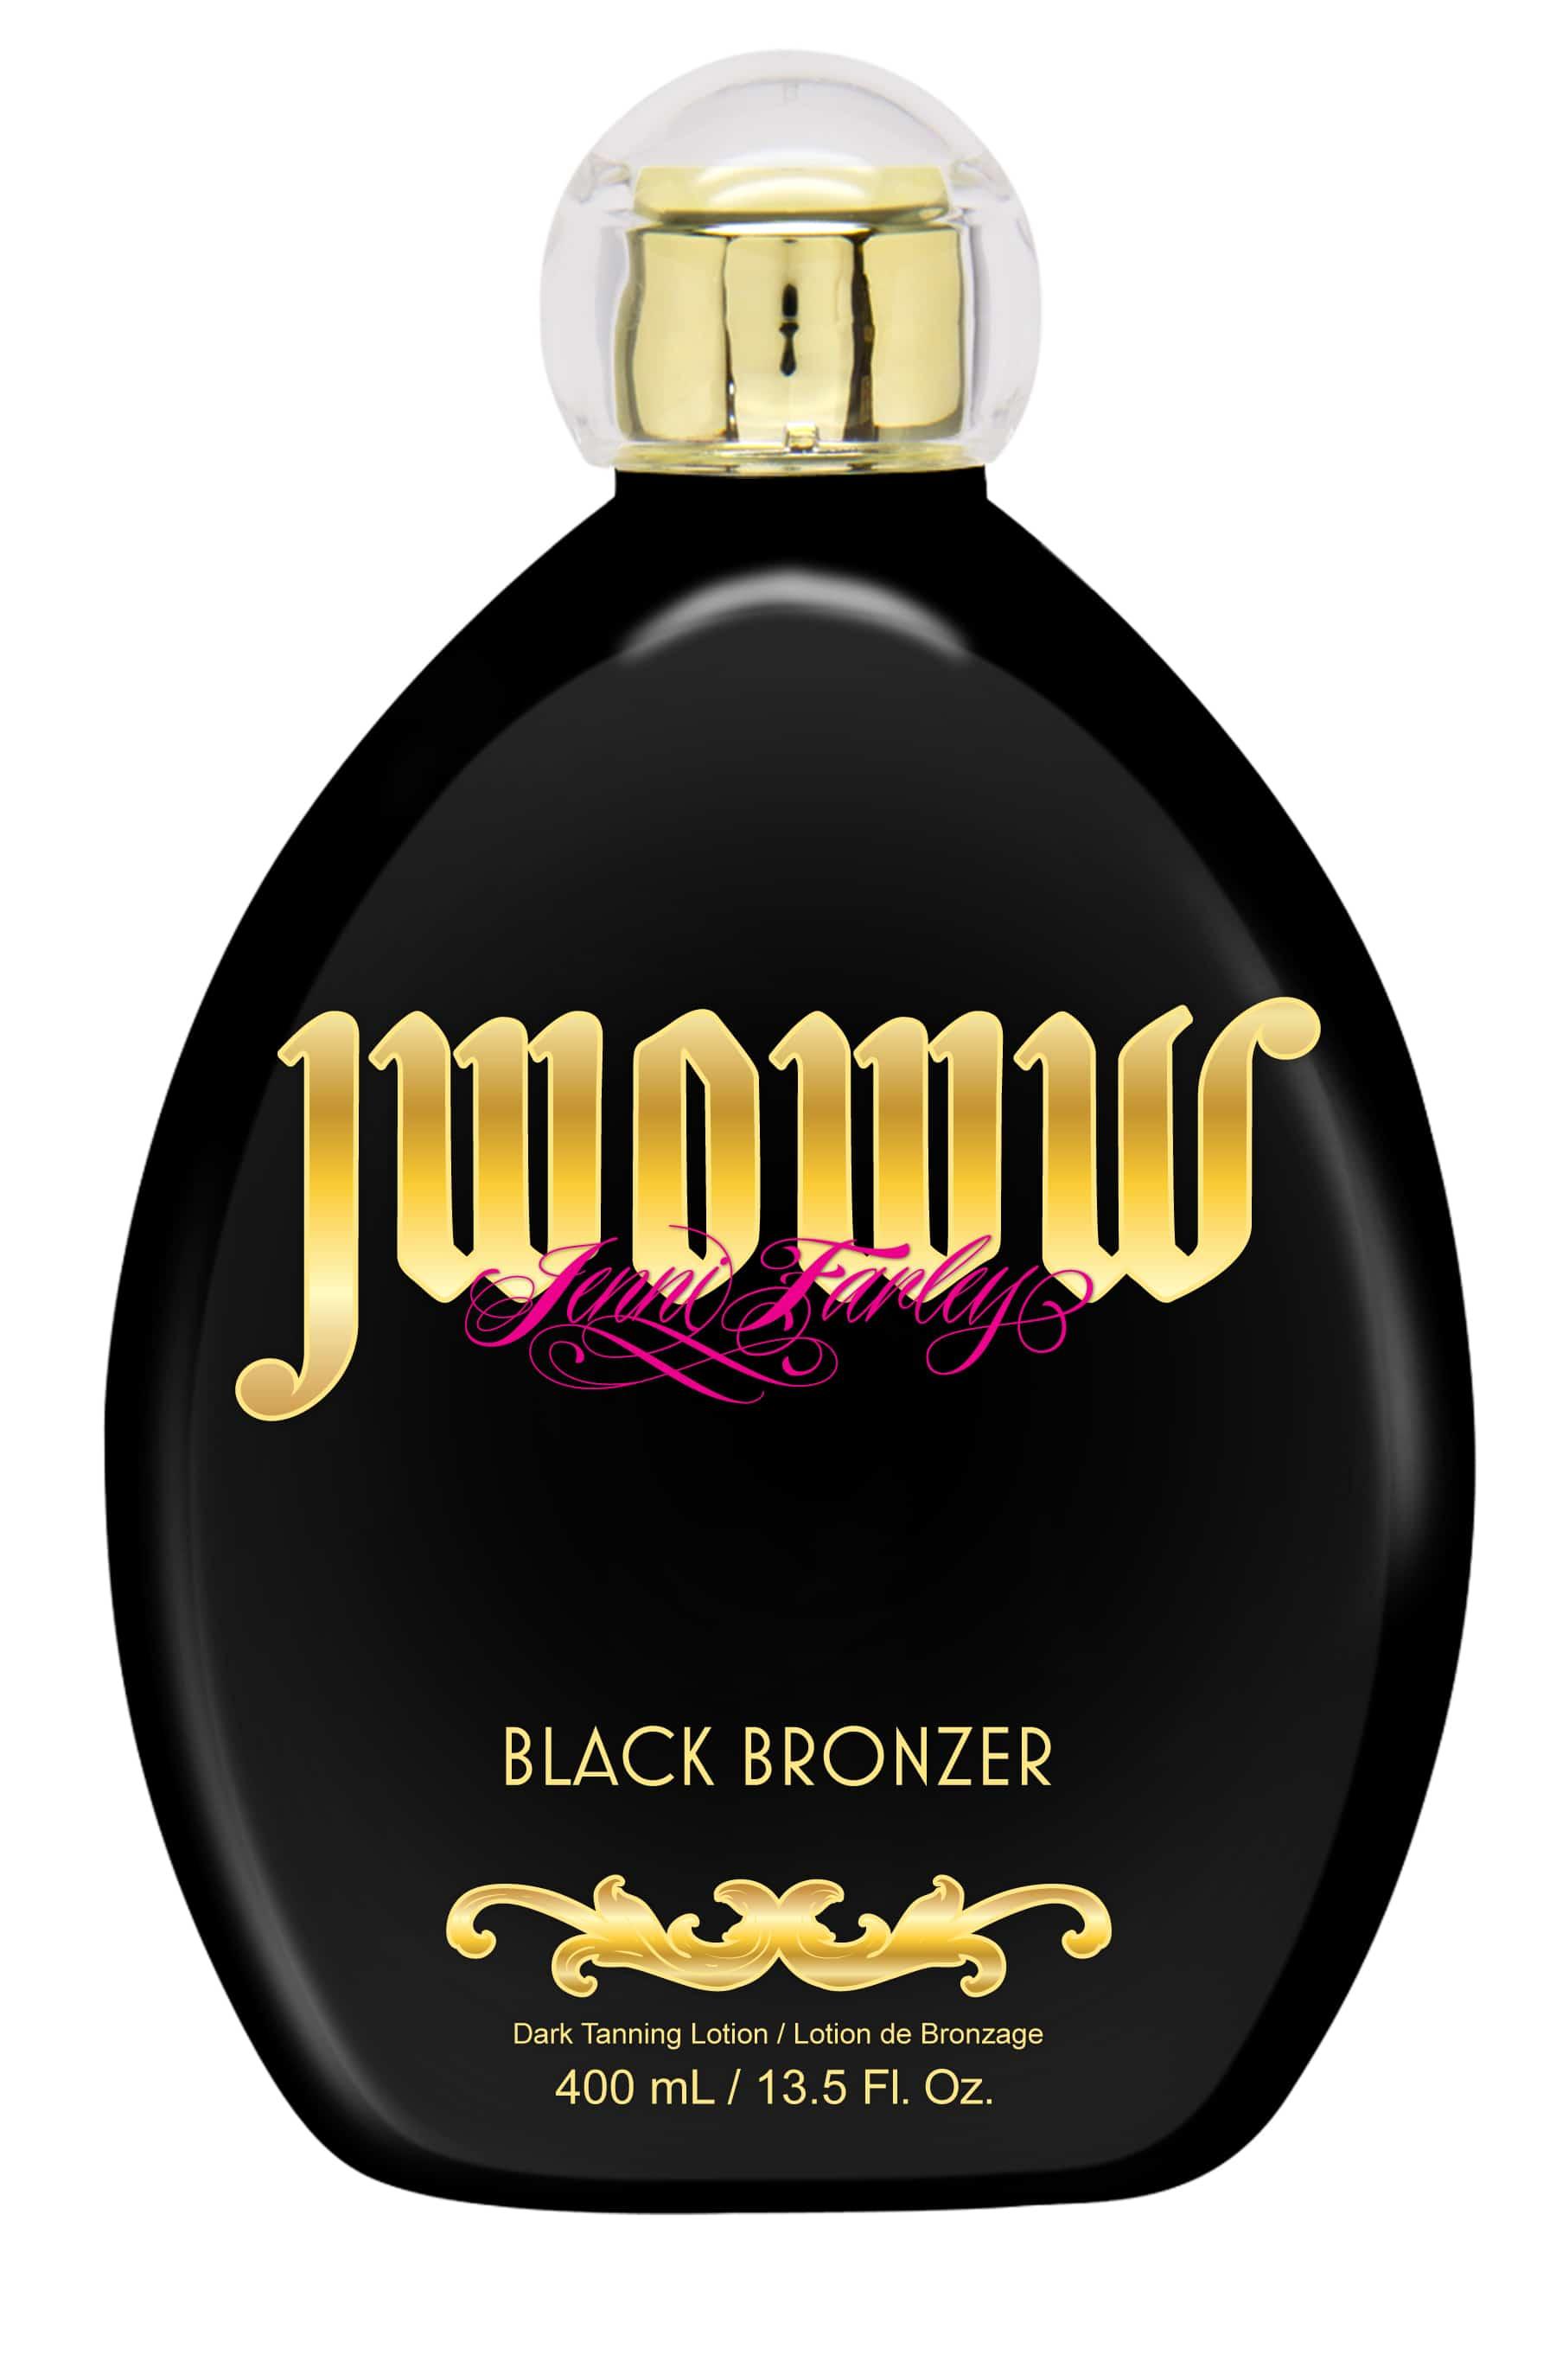 Jwoww Black Bronzer Bottle Tanning Supplies Unlimited